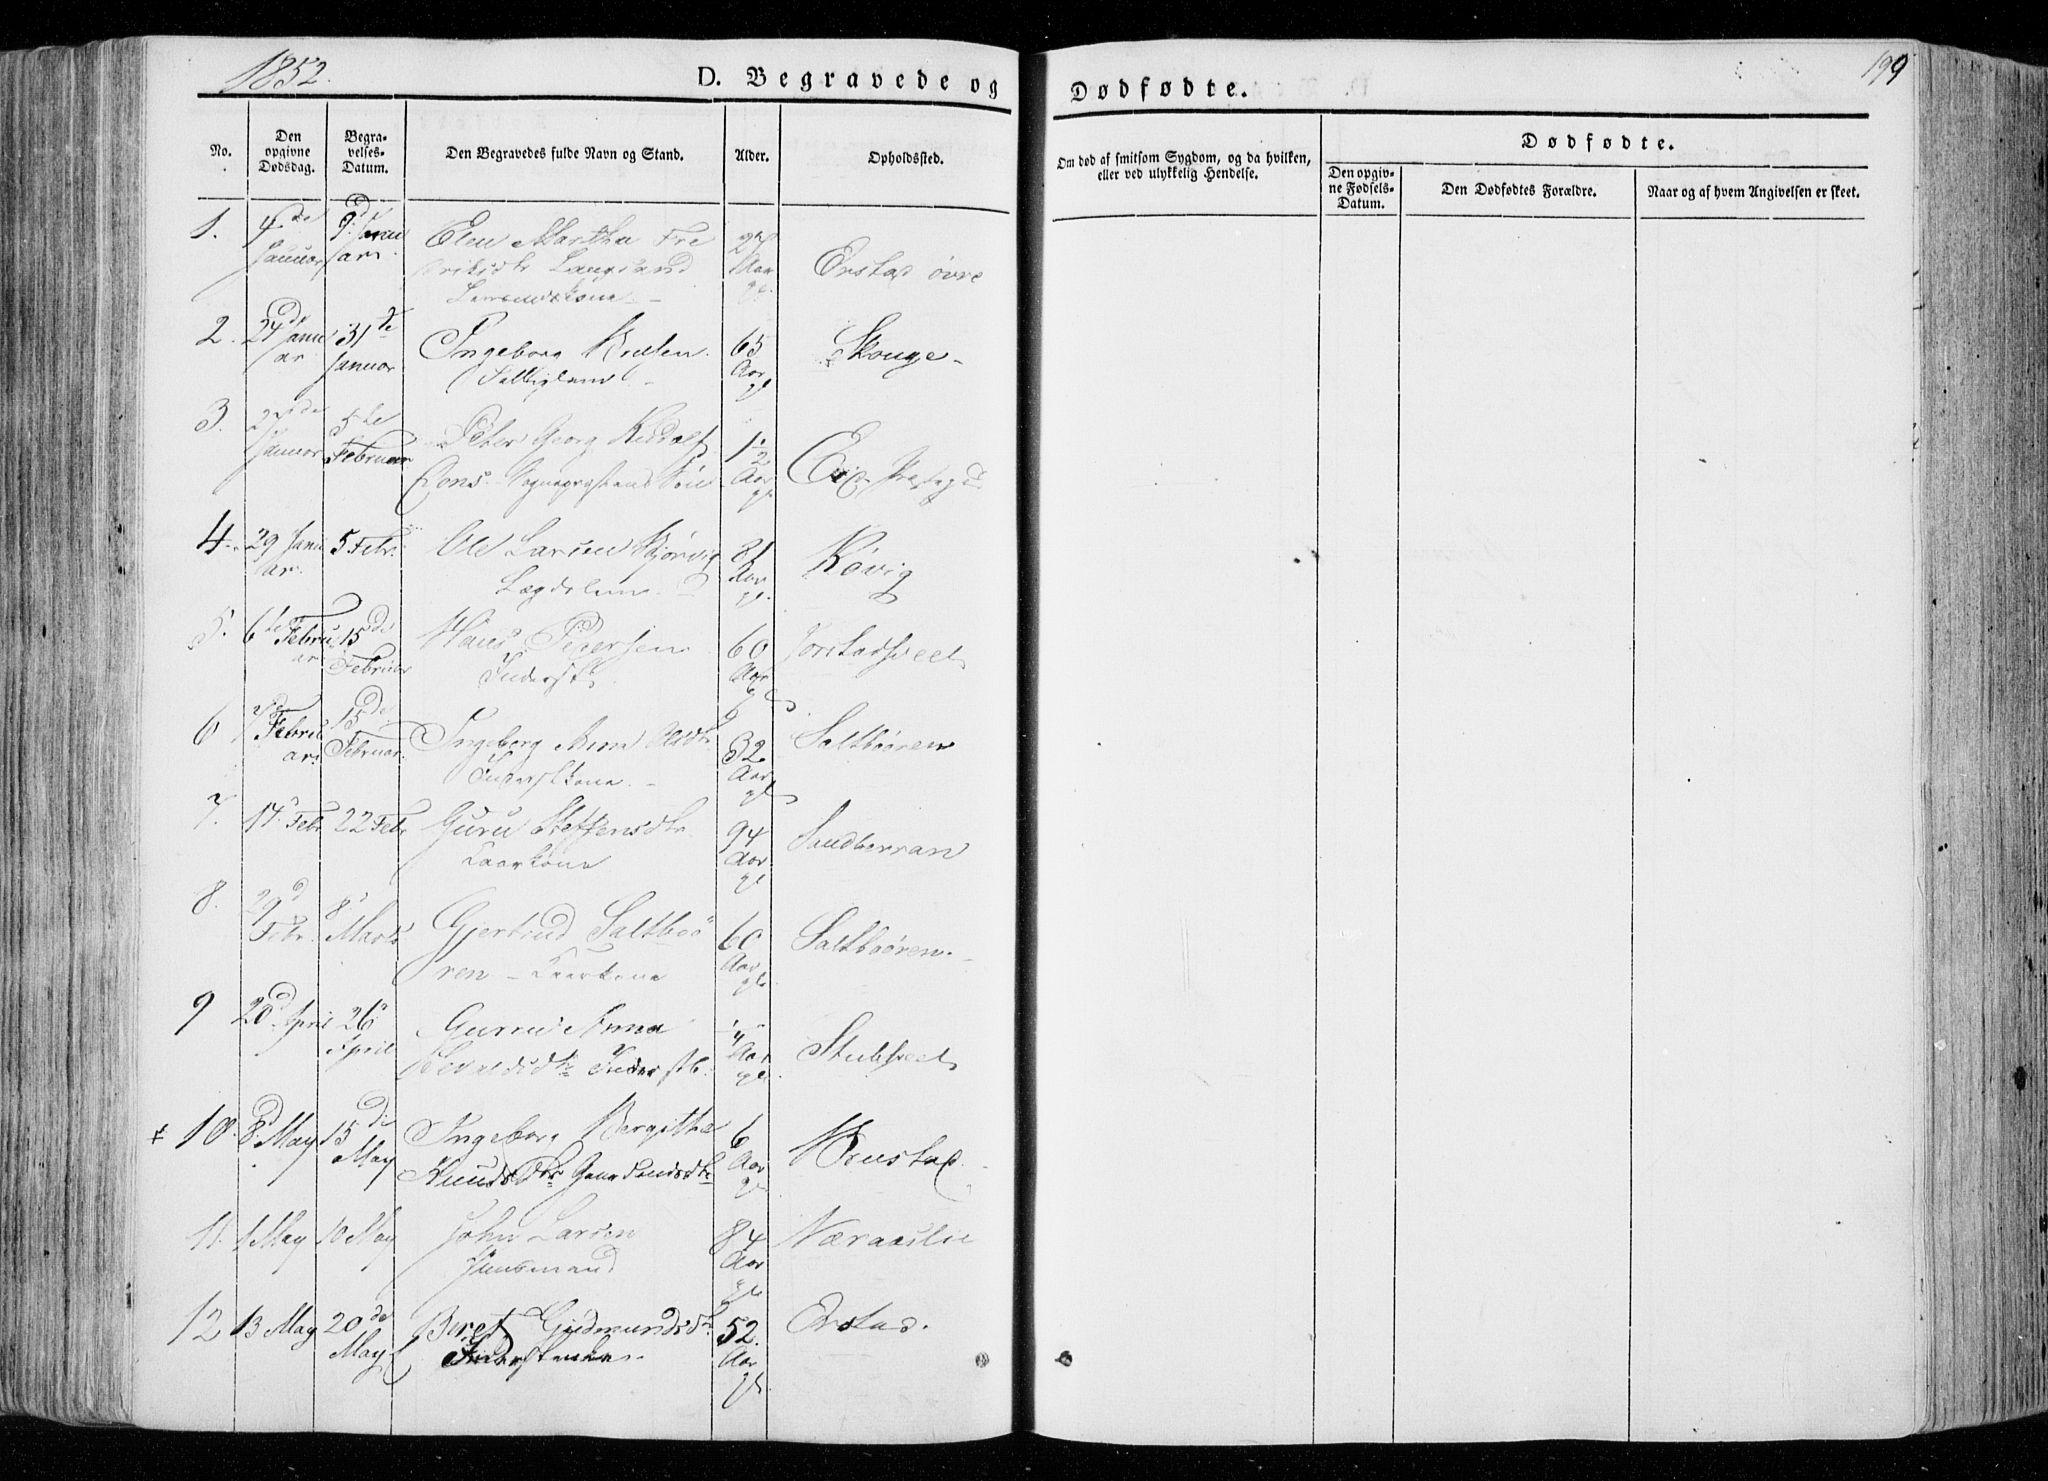 SAT, Ministerialprotokoller, klokkerbøker og fødselsregistre - Nord-Trøndelag, 722/L0218: Ministerialbok nr. 722A05, 1843-1868, s. 199